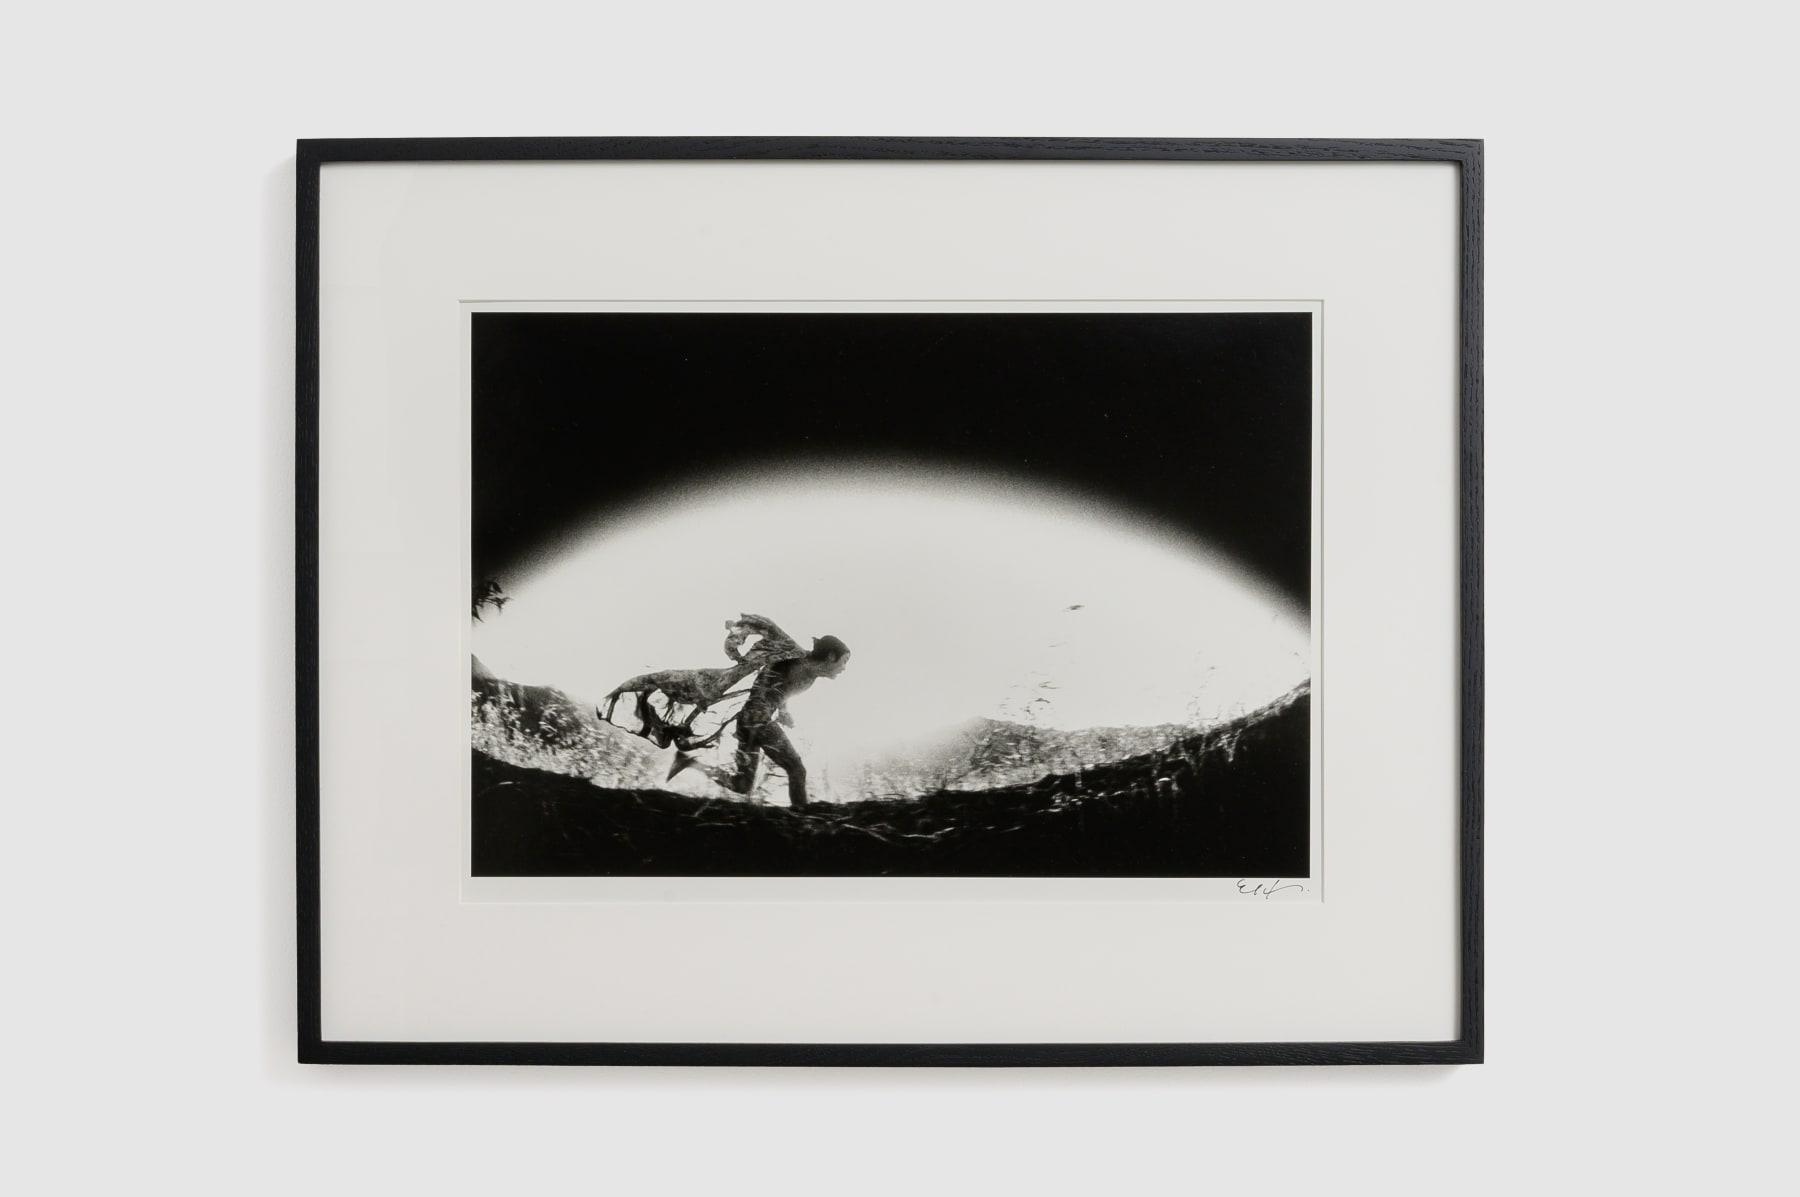 Eikoh Hosoe, Kamaitachi #31, 1968/2015